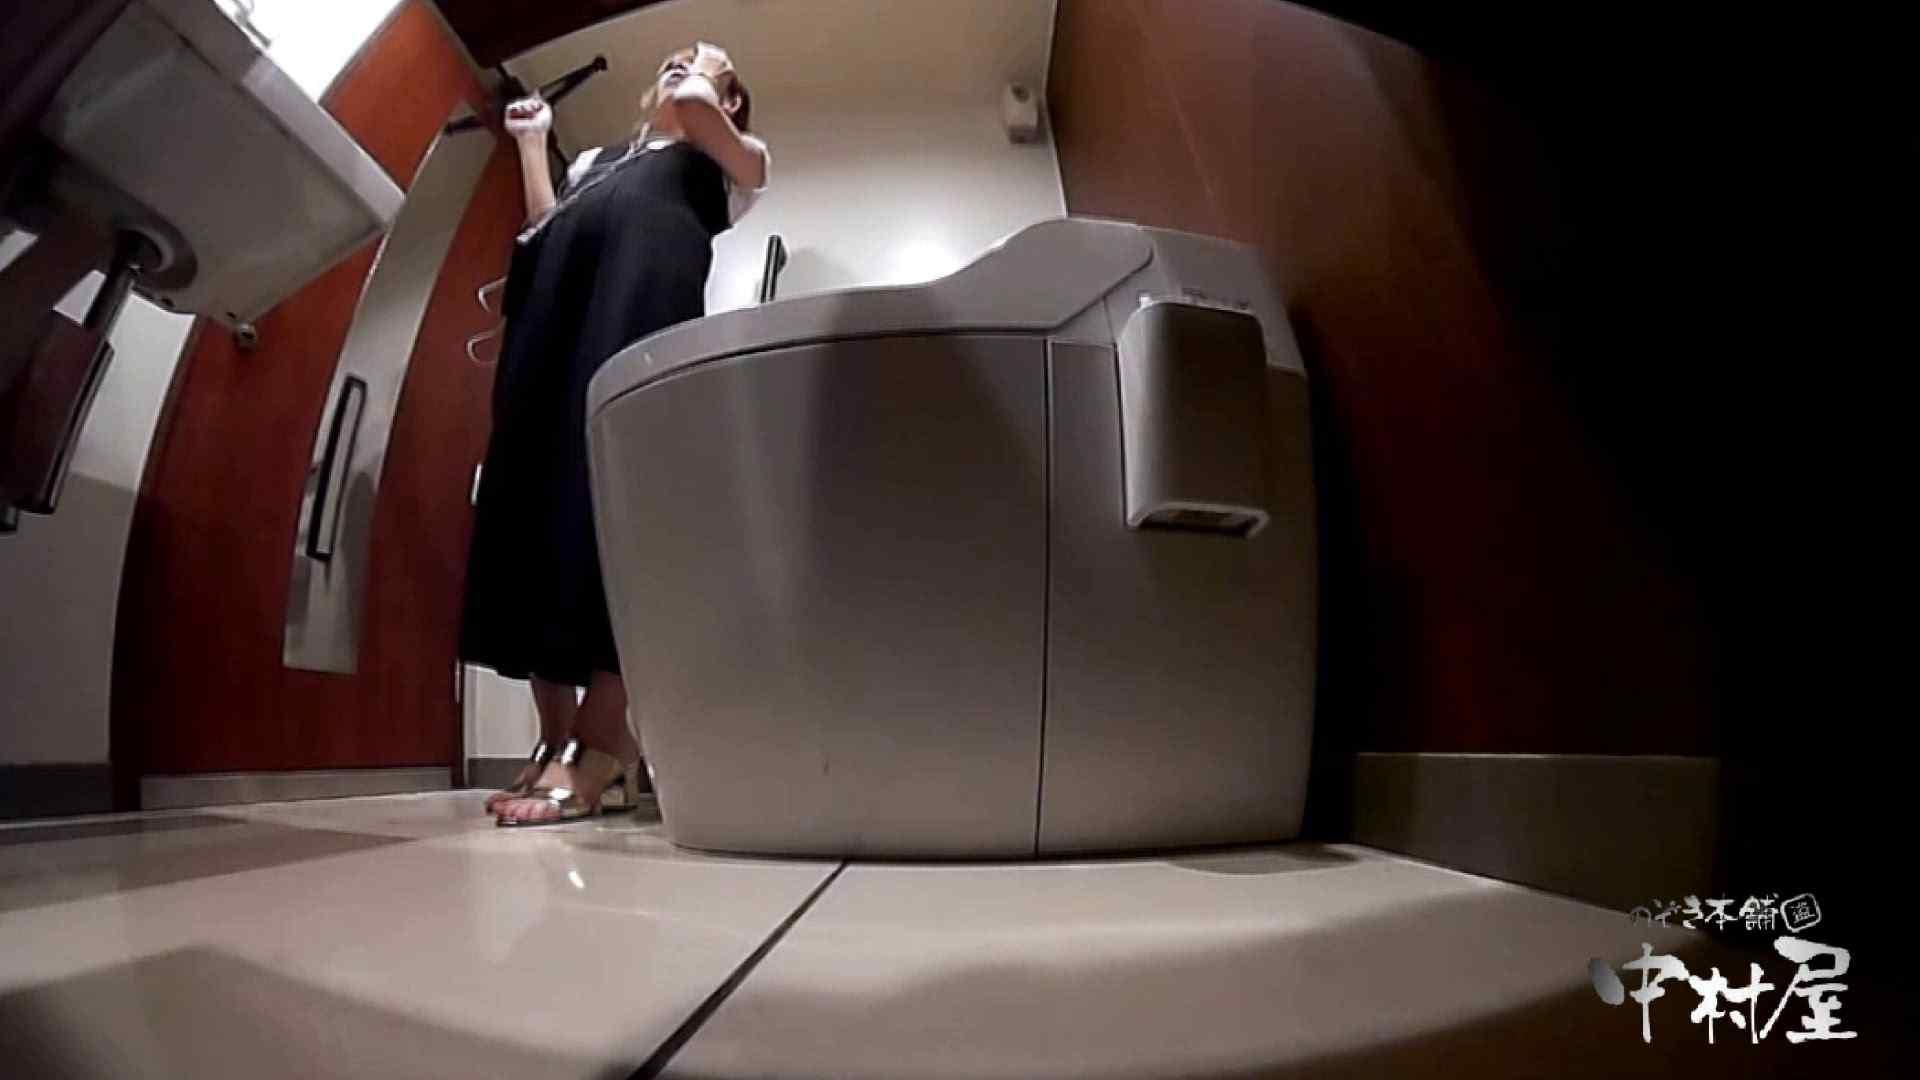 高画質トイレ盗撮vol.19 トイレの中まで 盗撮動画紹介 11枚 6